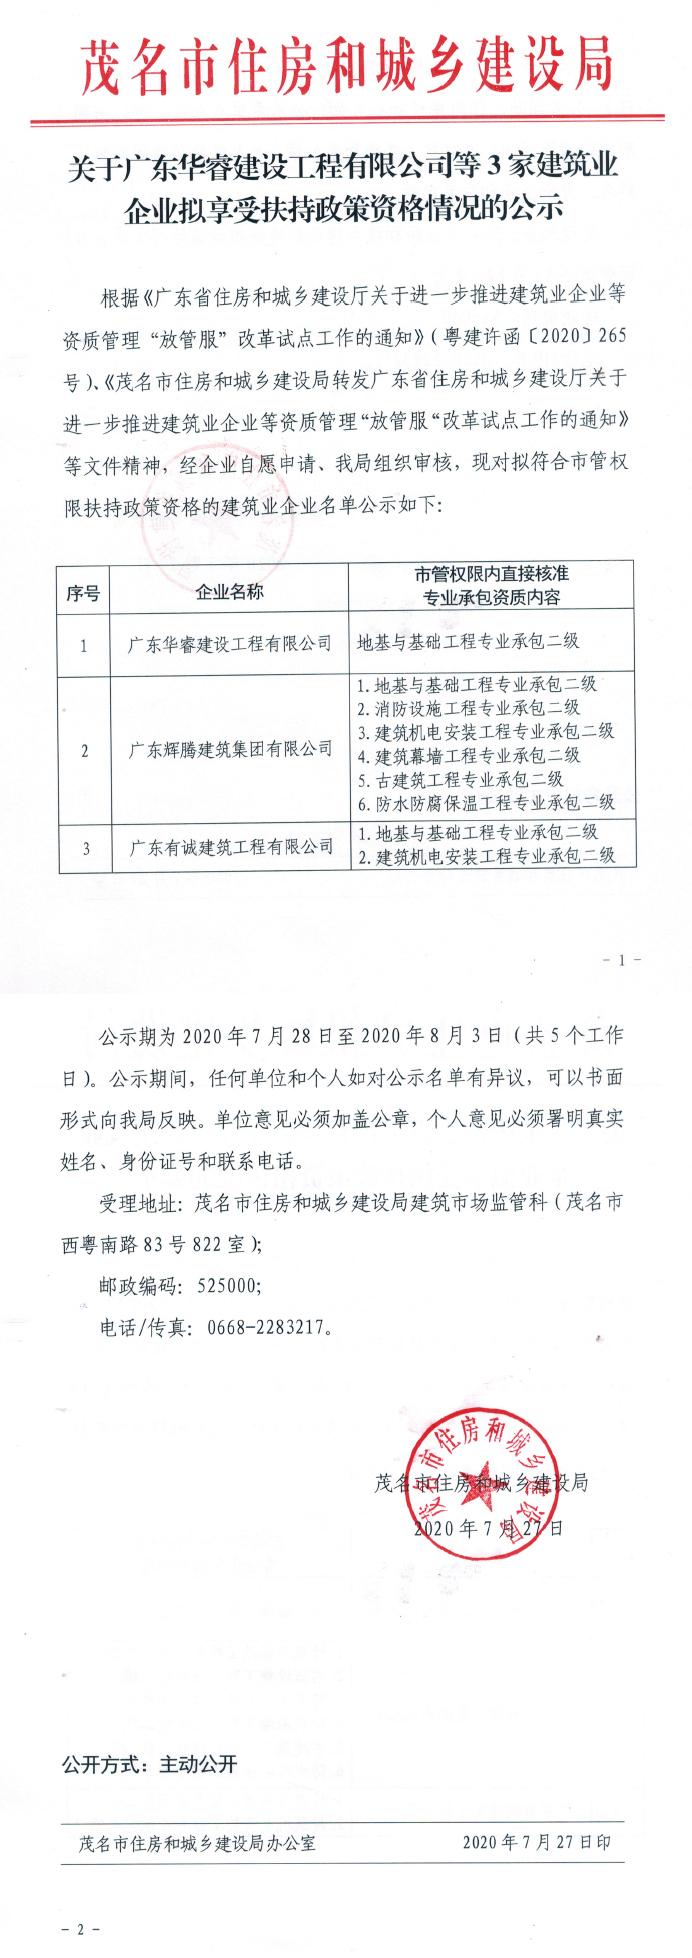 关于广东华睿建设工程有限公司等3家建筑业企业拟享受扶持政策资格情况的公示.jpg